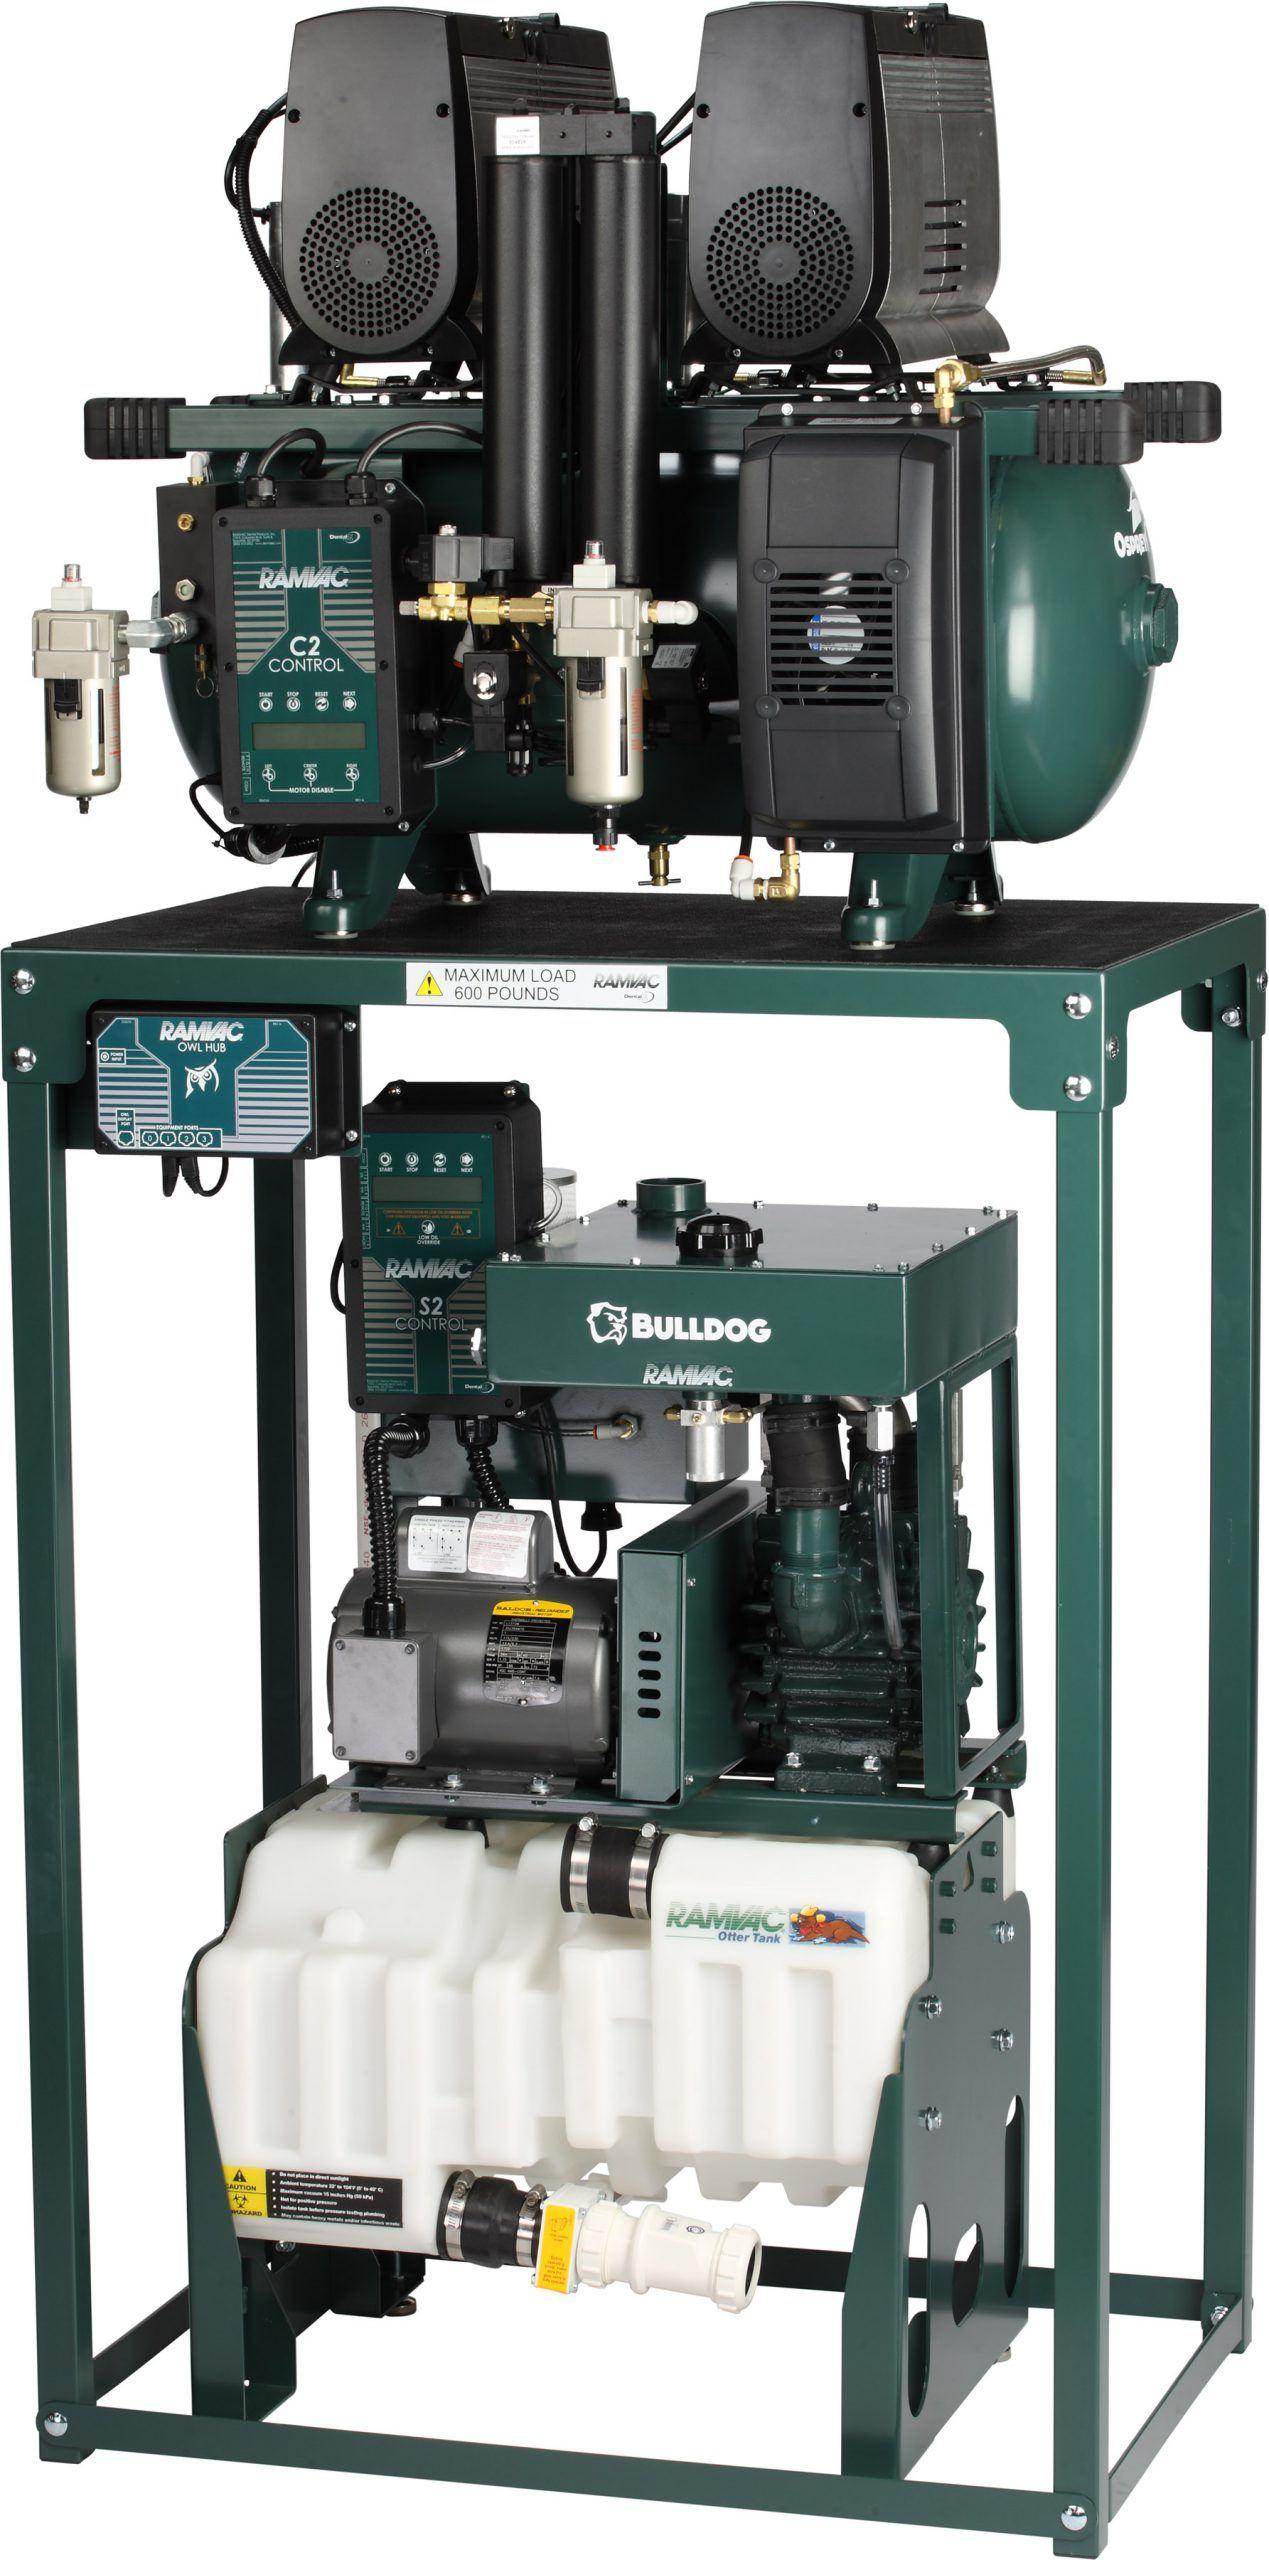 Ramvac Compressor Stand